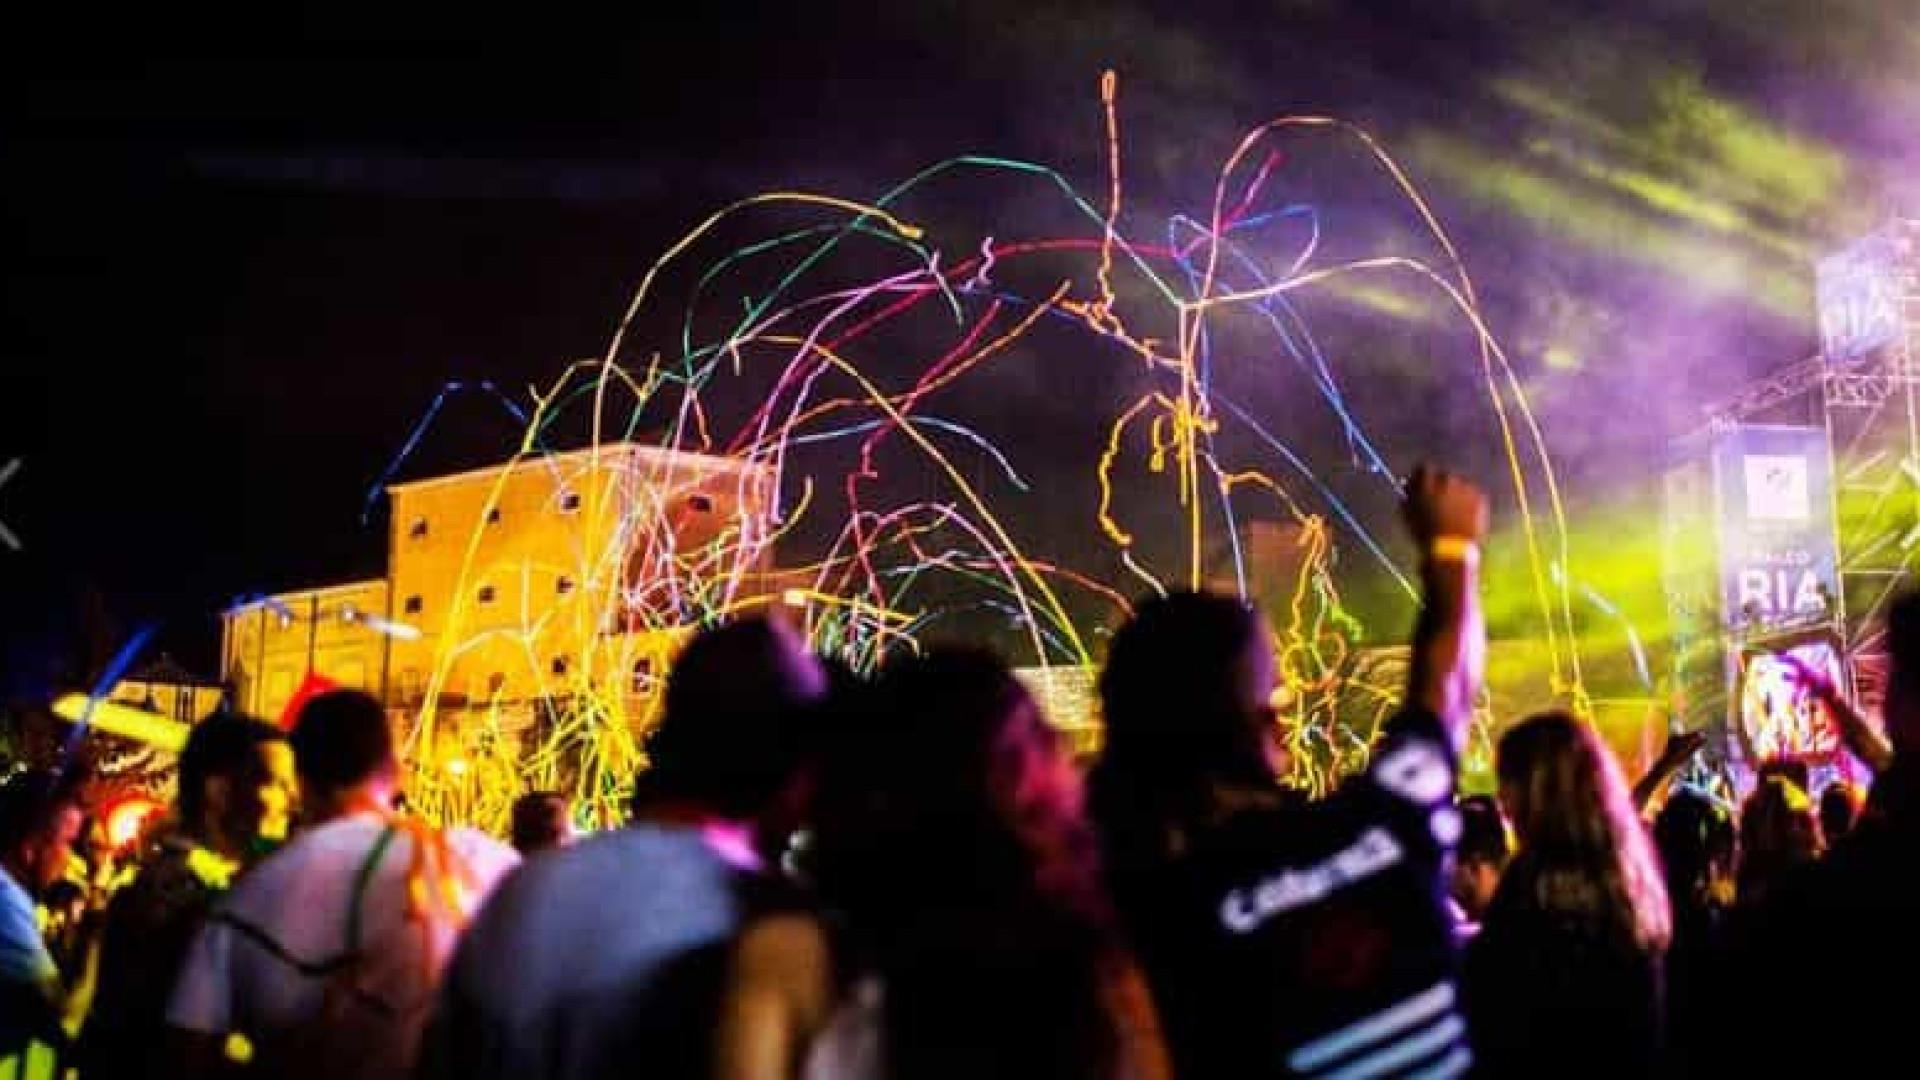 Festival F abriu portas para 45 concertos e lotação esgotada no horizonte